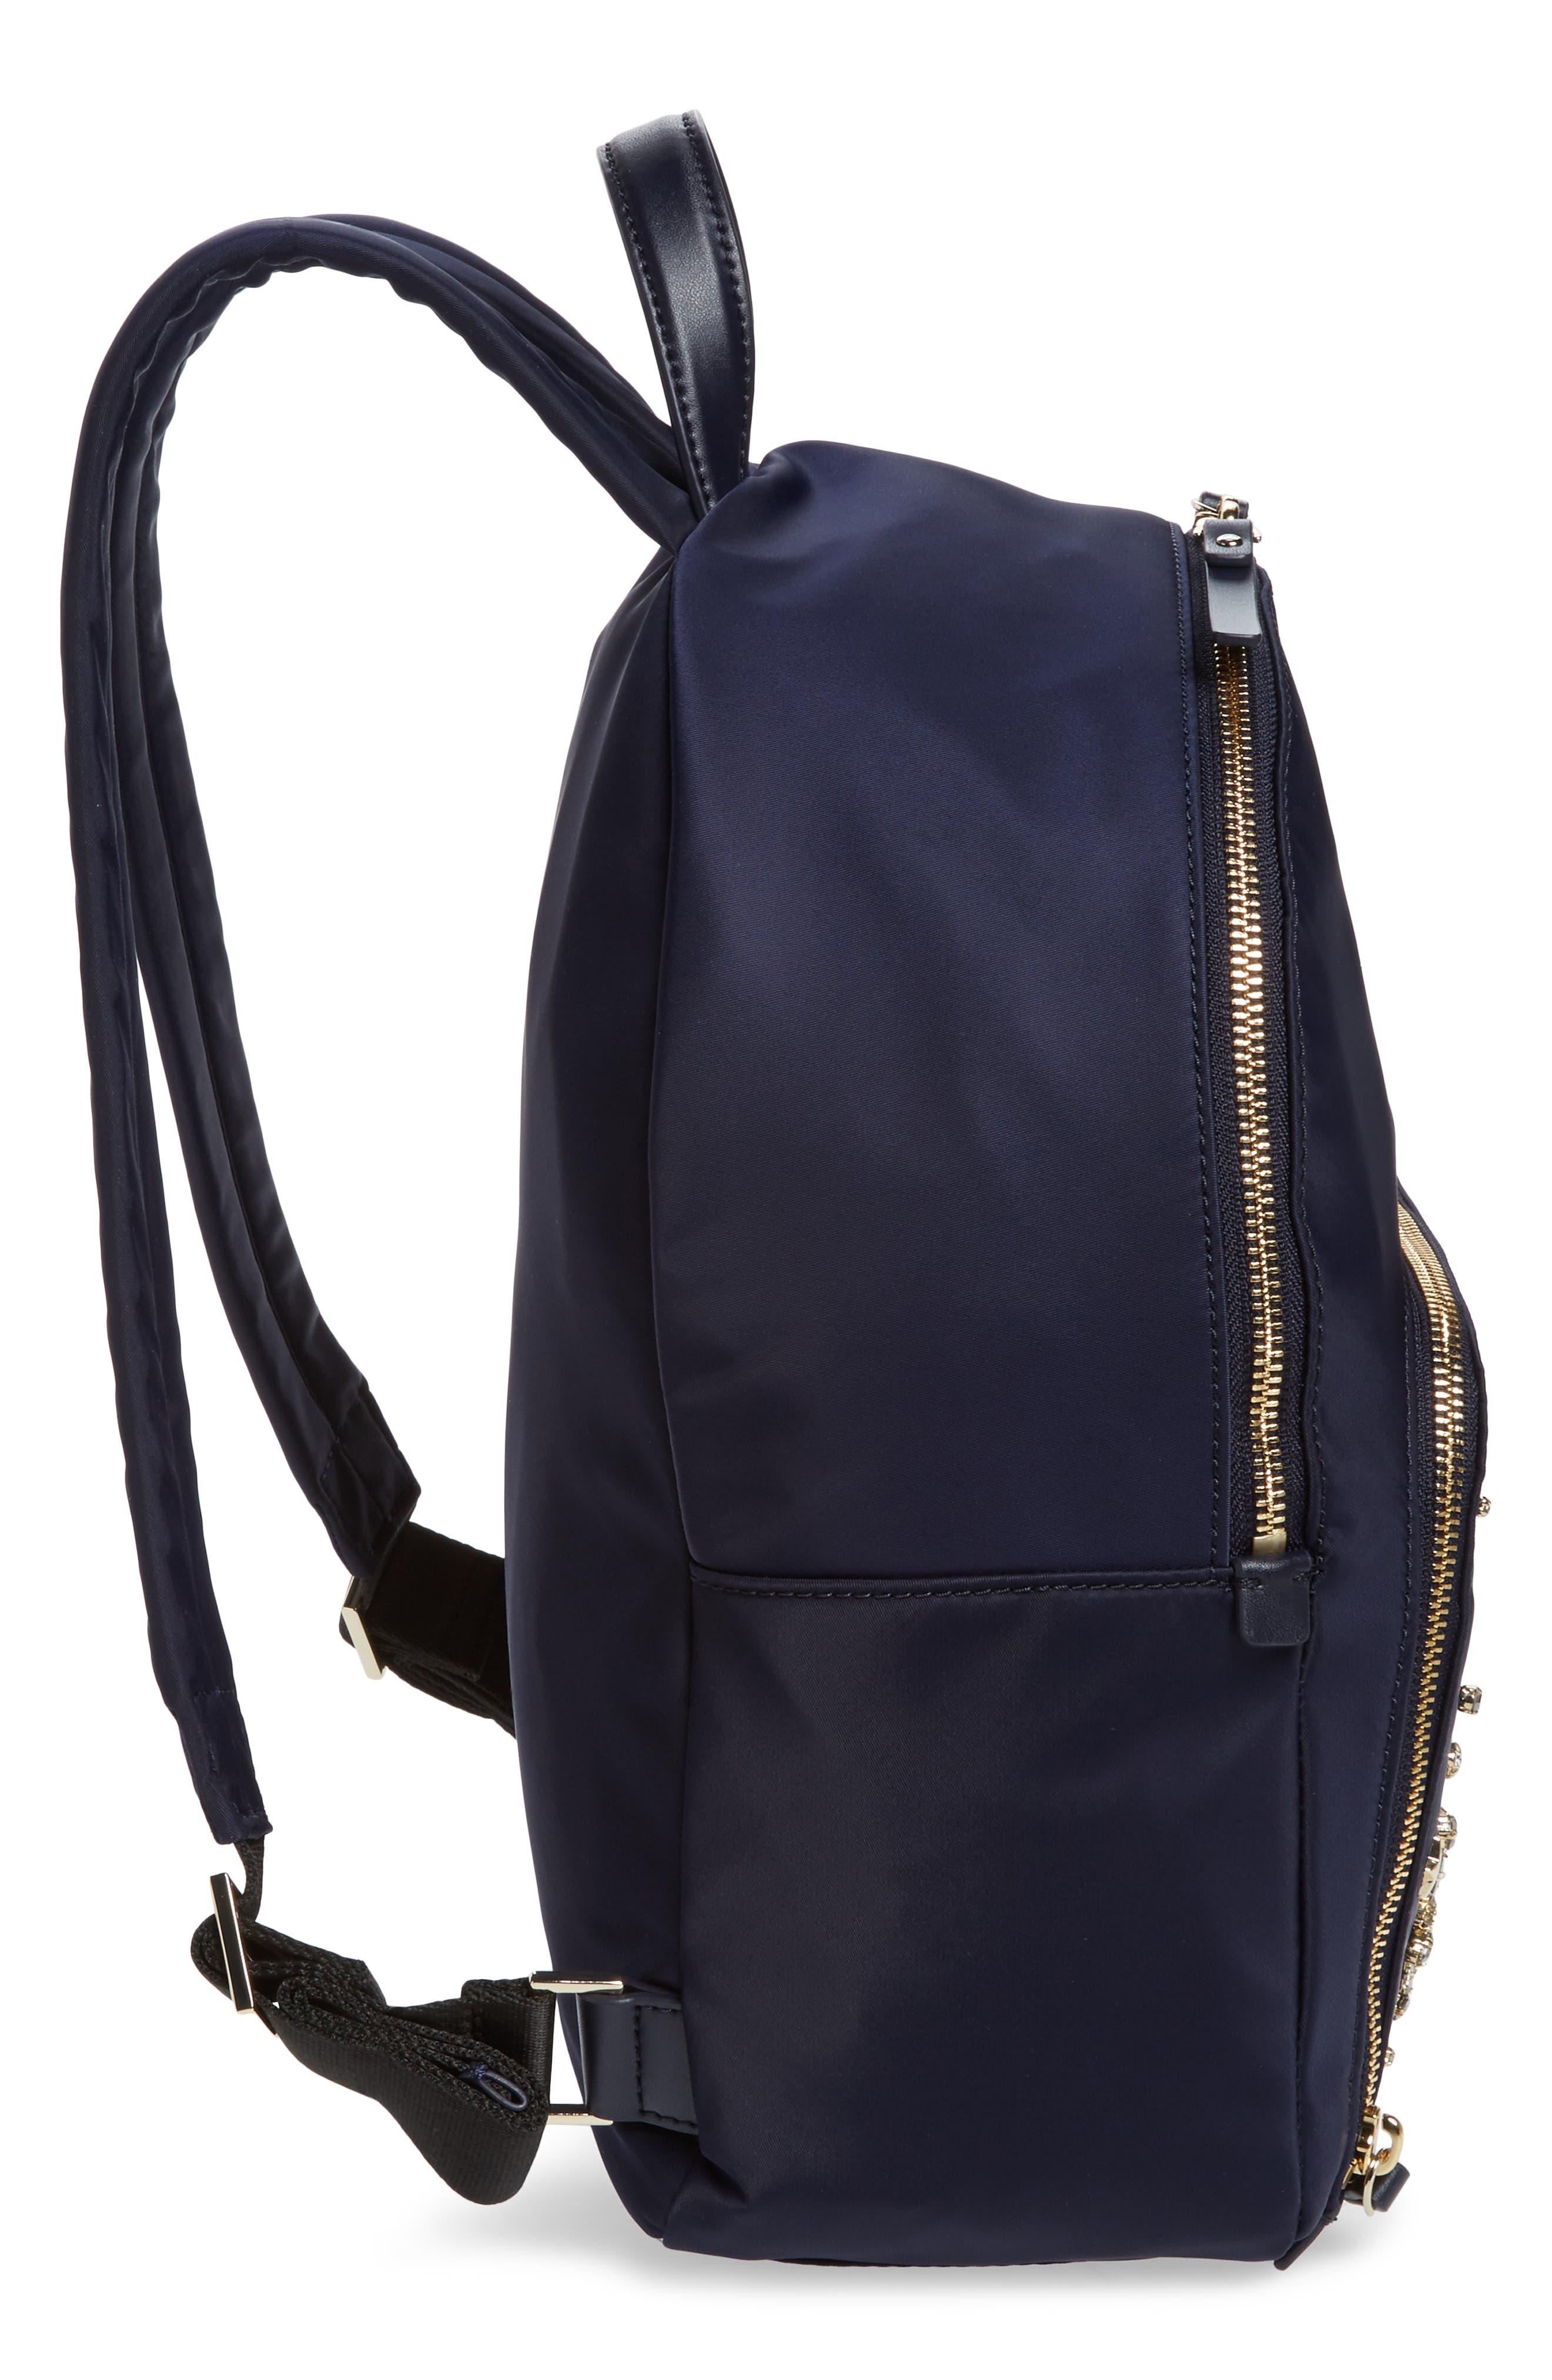 watson lane - hartley embellished nylon backpack,                             Alternate thumbnail 5, color,